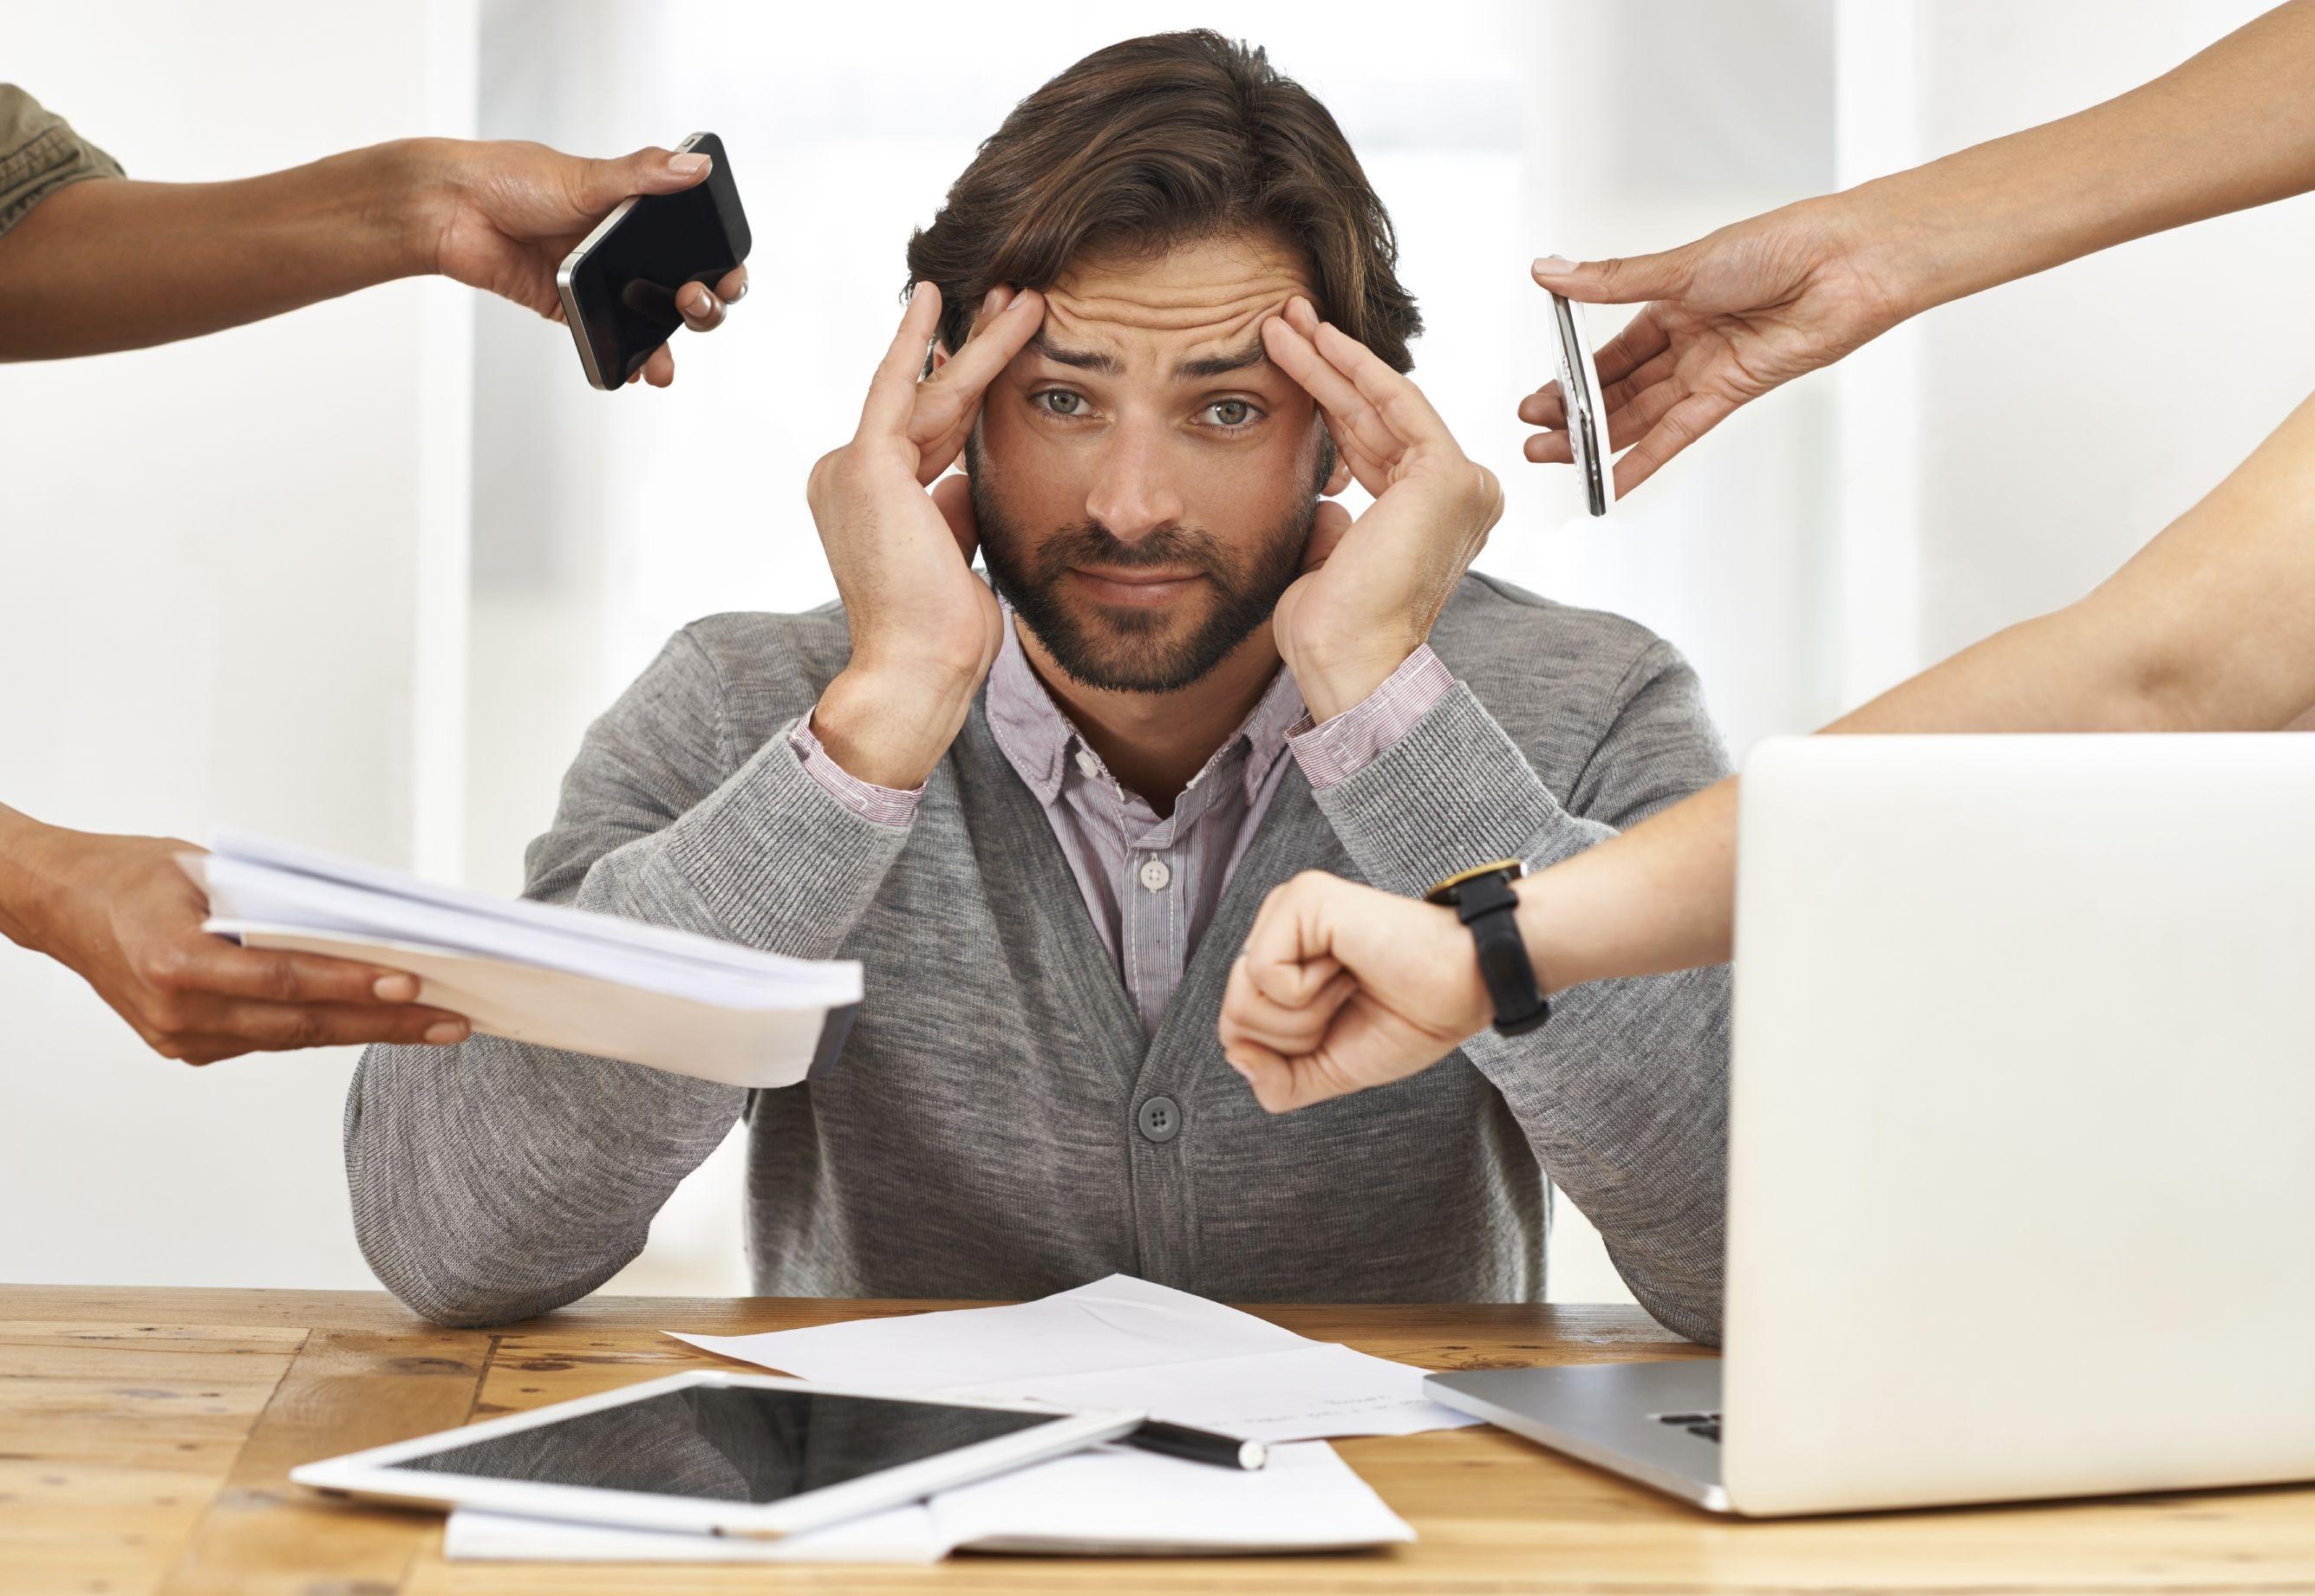 Taller de Gestión del Estrés para Empresas en Las Palmas de Gran Canara